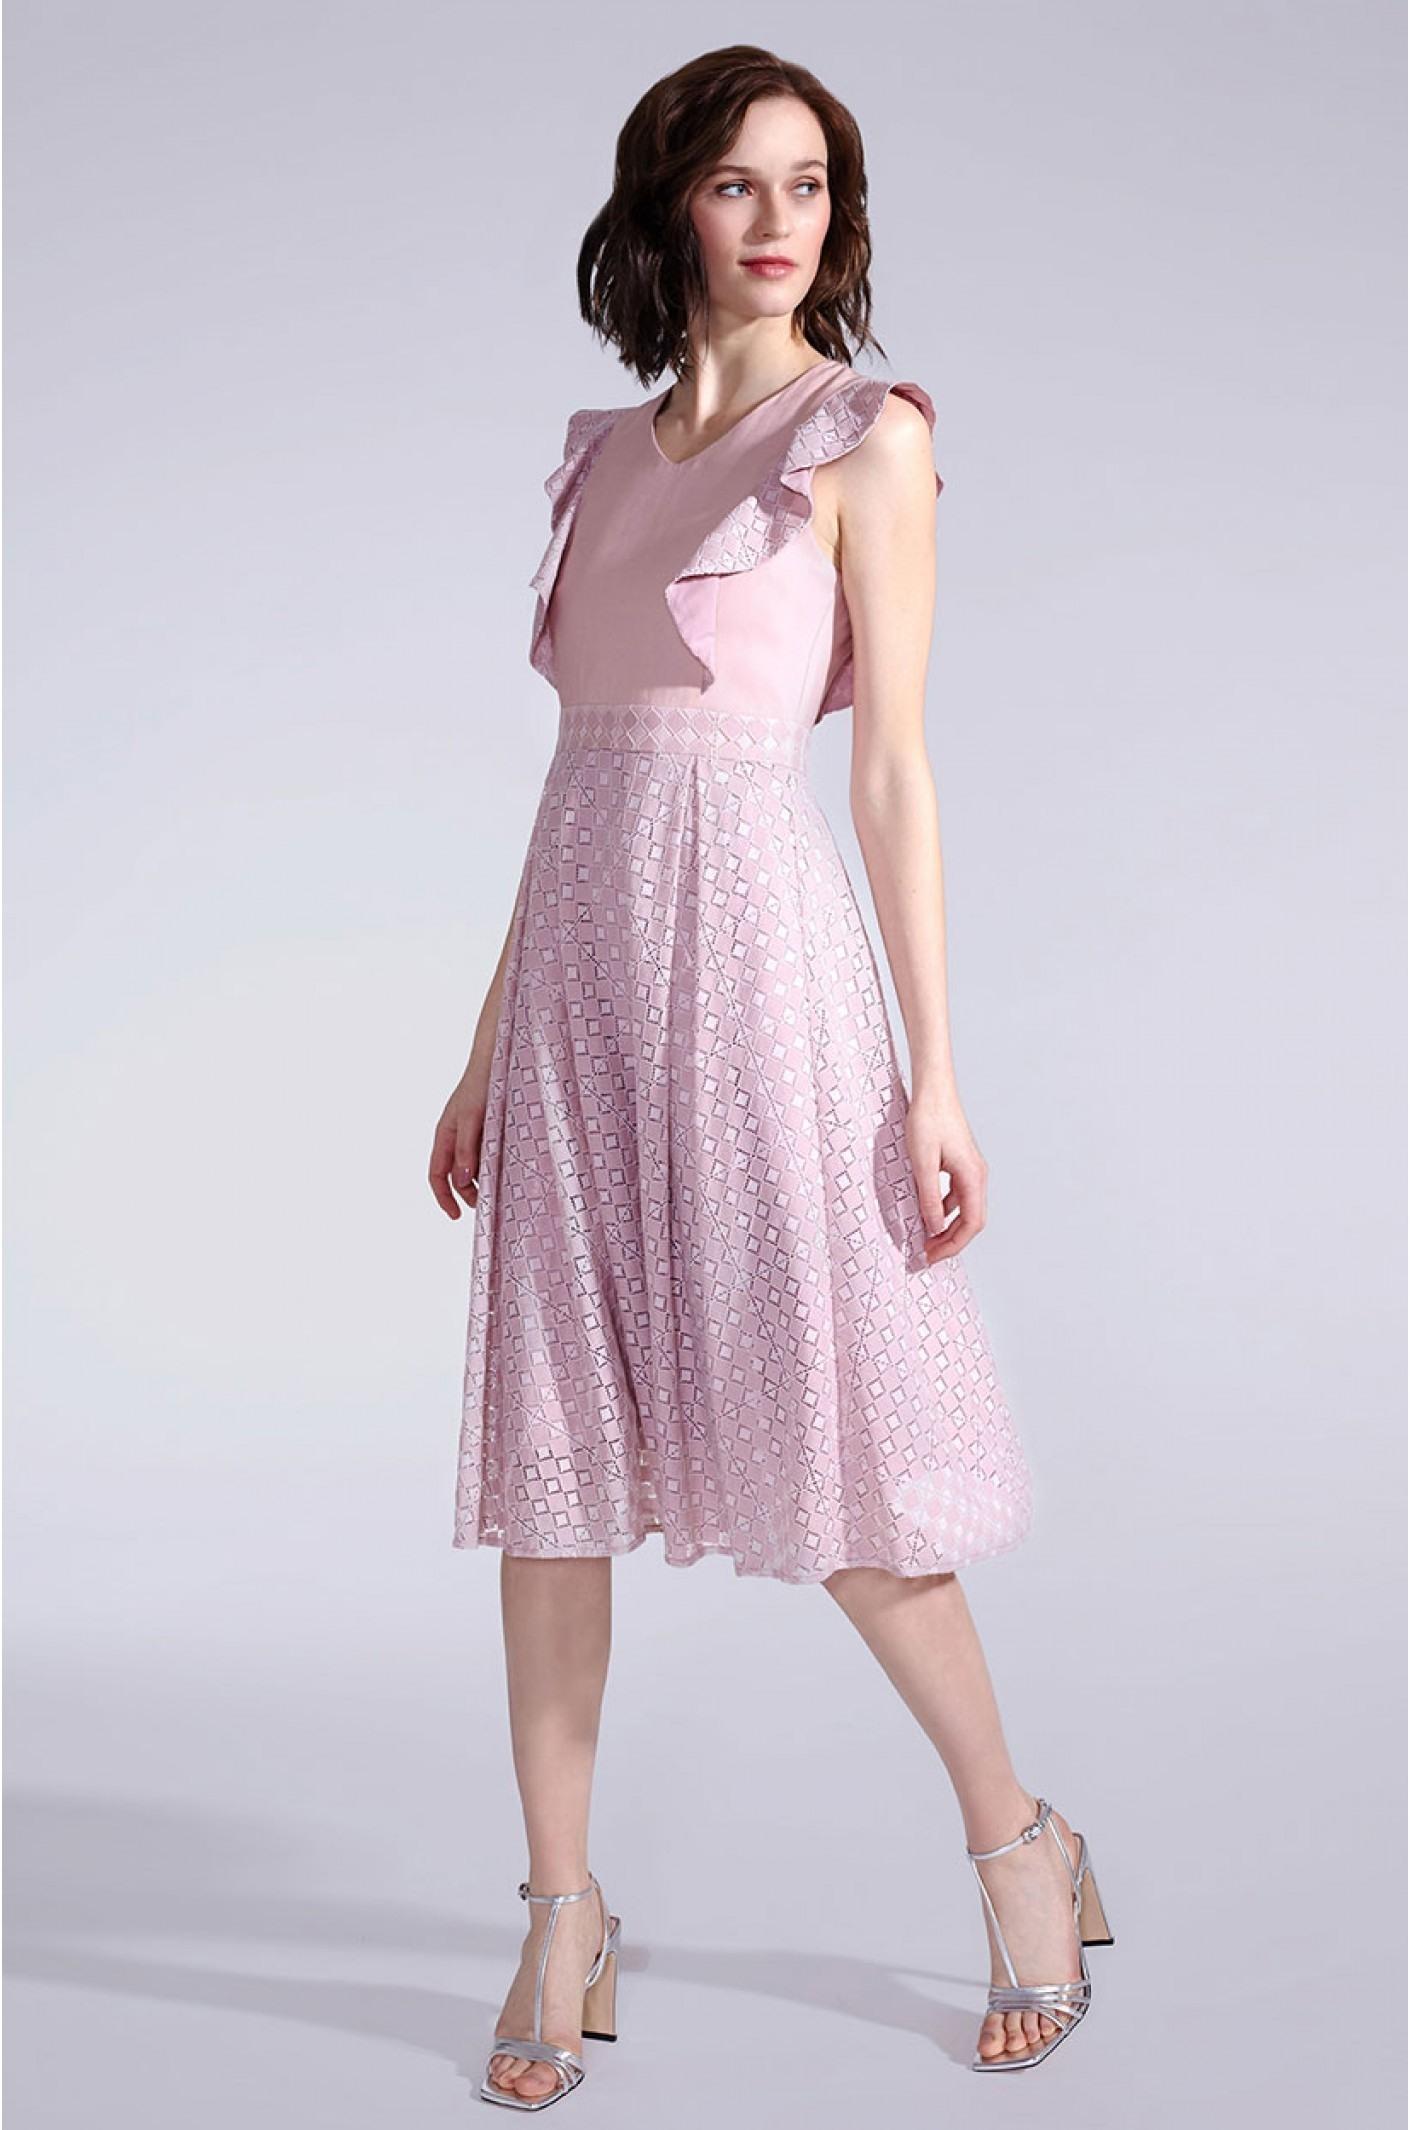 Designer Ausgezeichnet Kleider Hochzeitsgäste Online Shop GalerieFormal Leicht Kleider Hochzeitsgäste Online Shop Ärmel